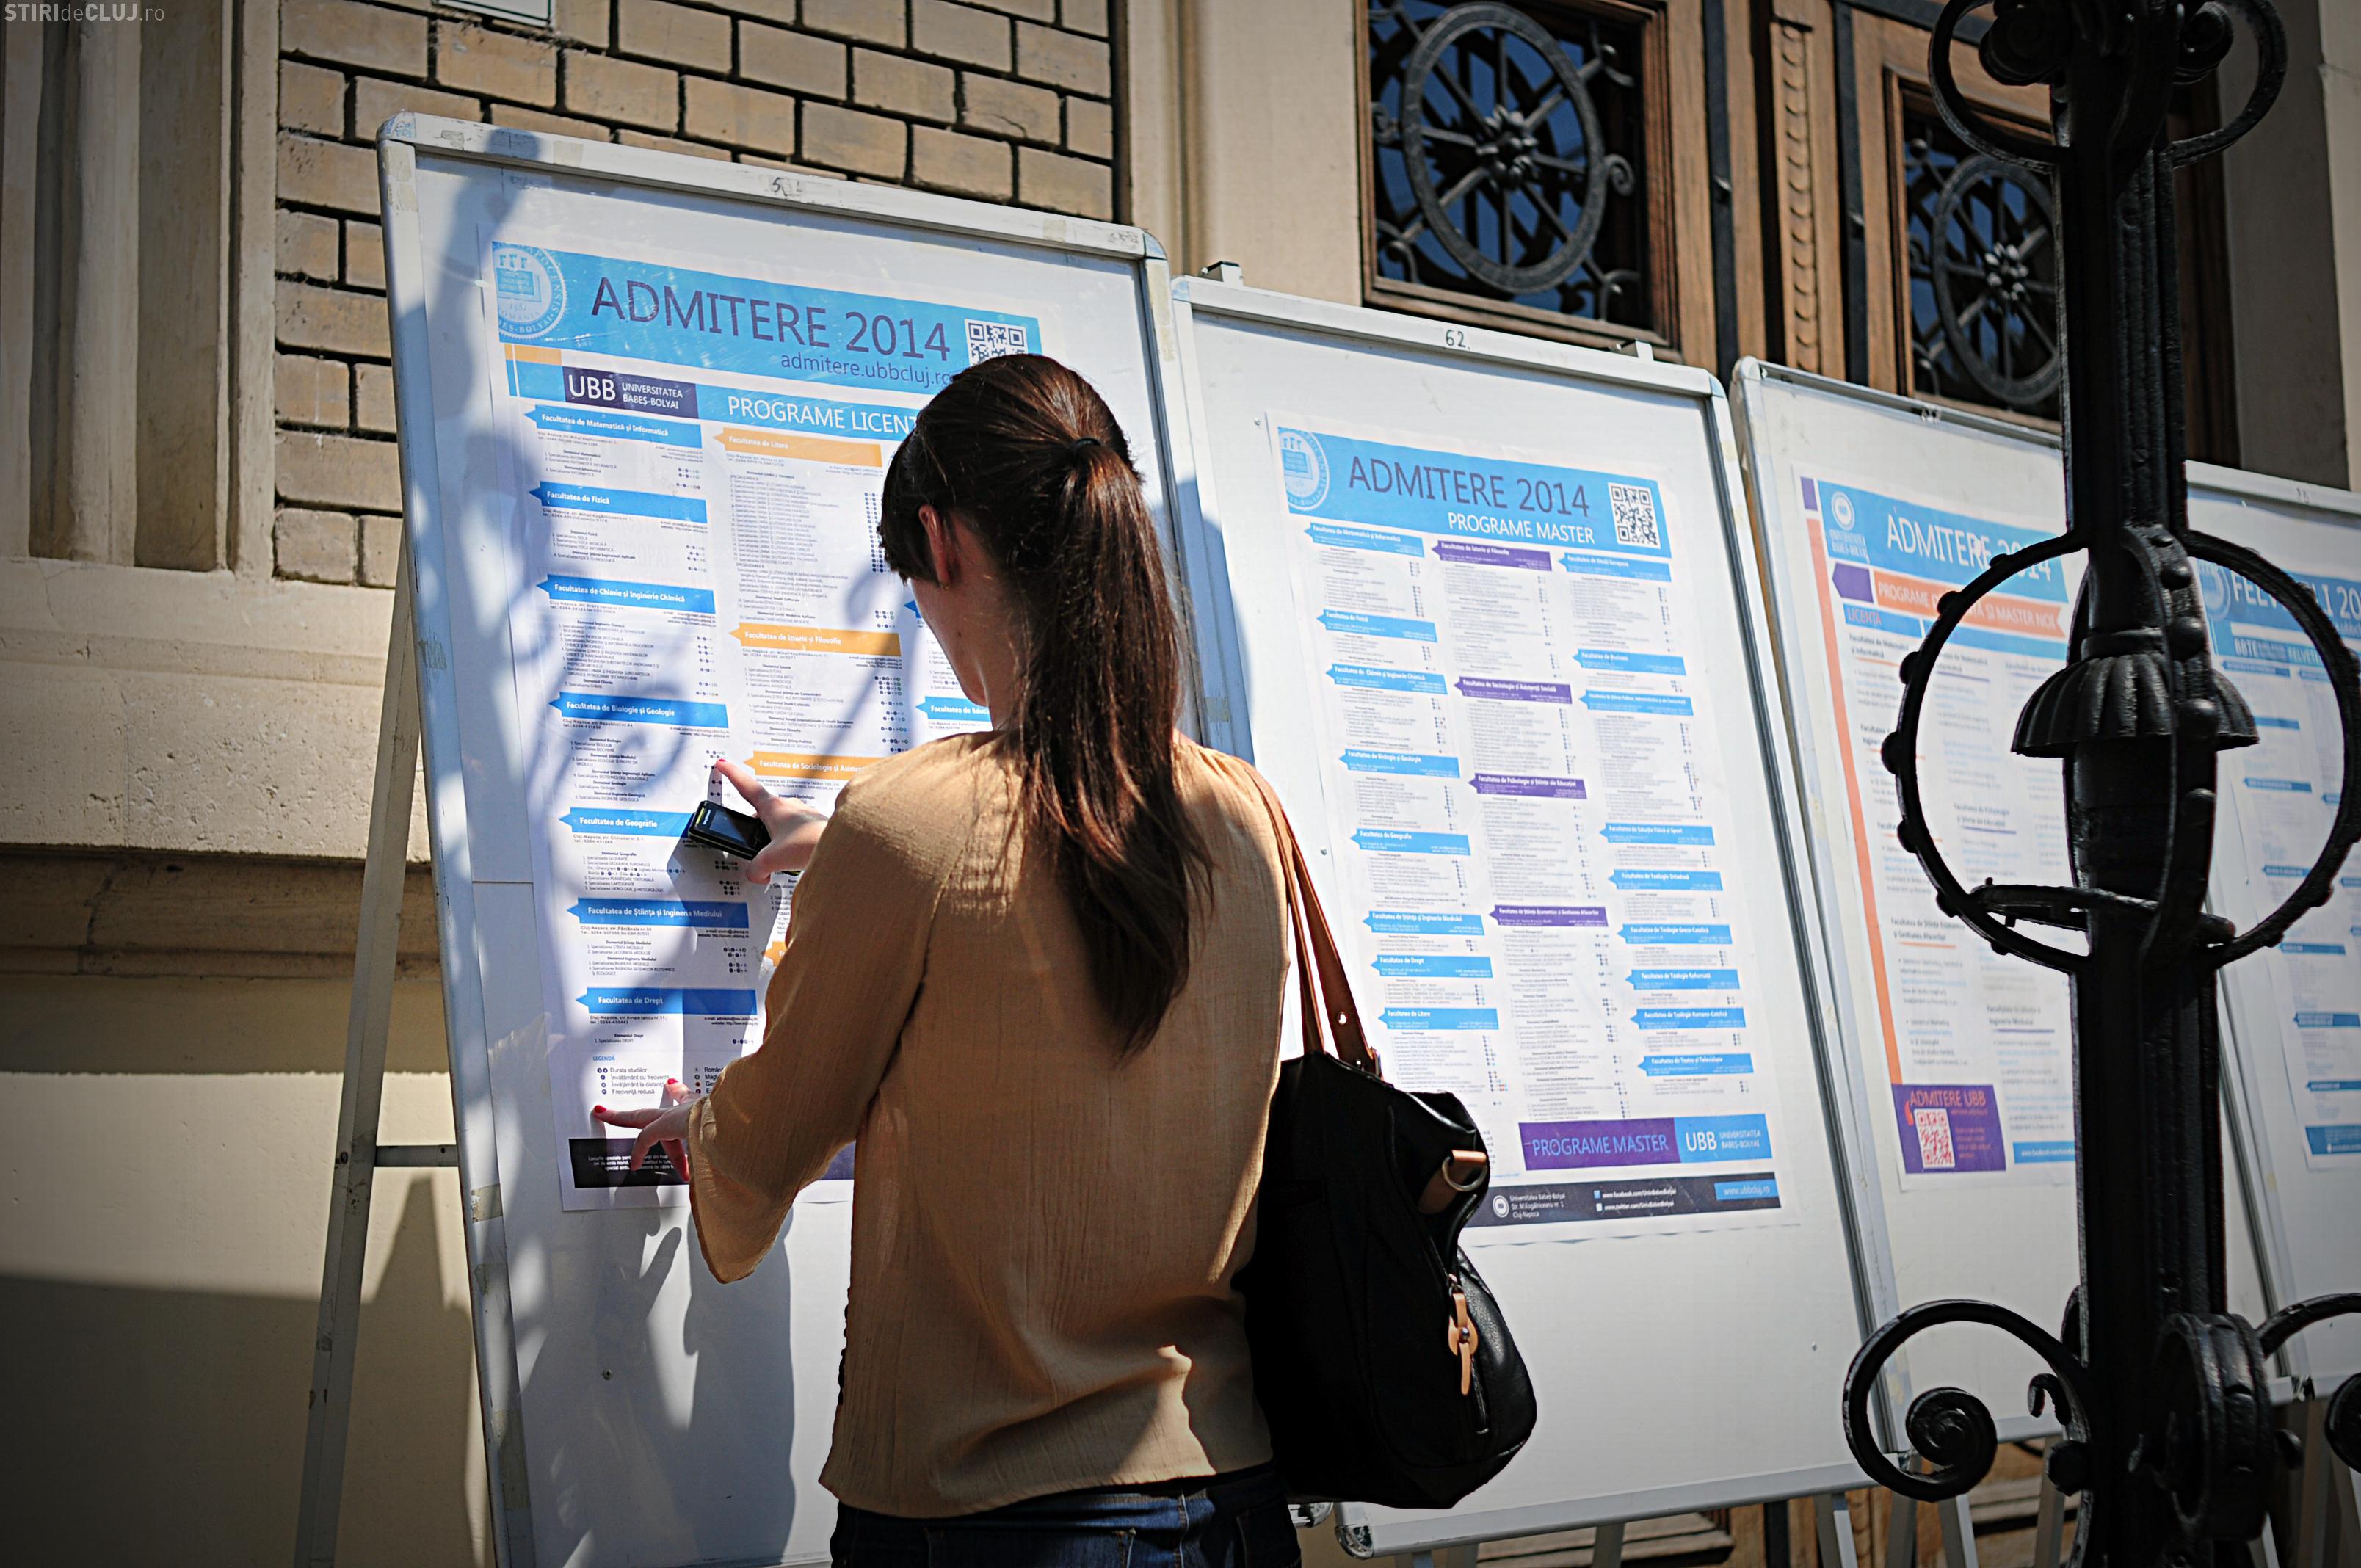 ADMITERE UBB CLUJ: Peste 800 de candidaţi înscrişi la UBB în prima zi. Care sunt facultățile căutate?